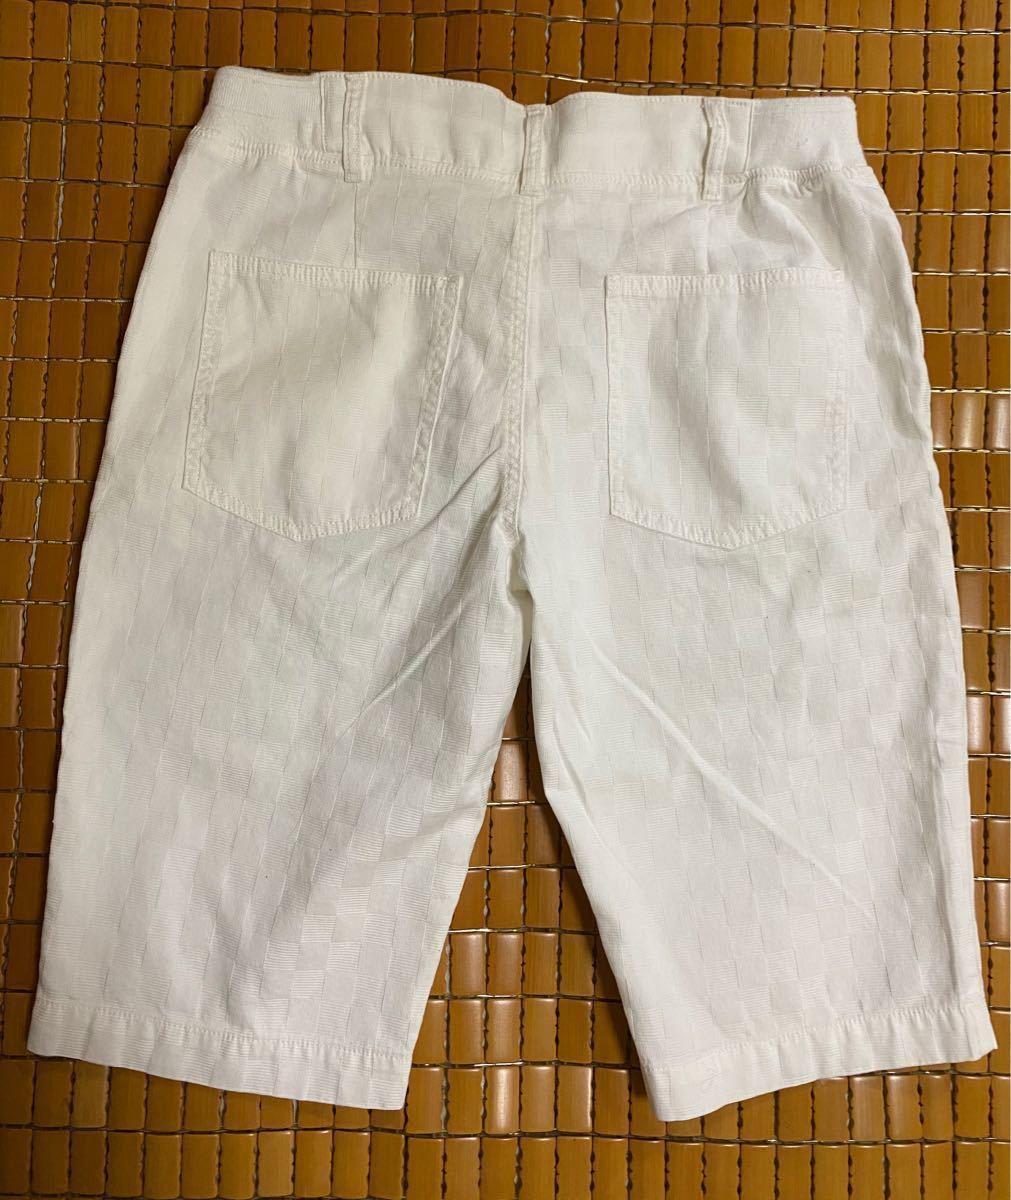 メンズ ショートパンツ ハーフパンツ 白パンツ 短パン 半ズボン LL